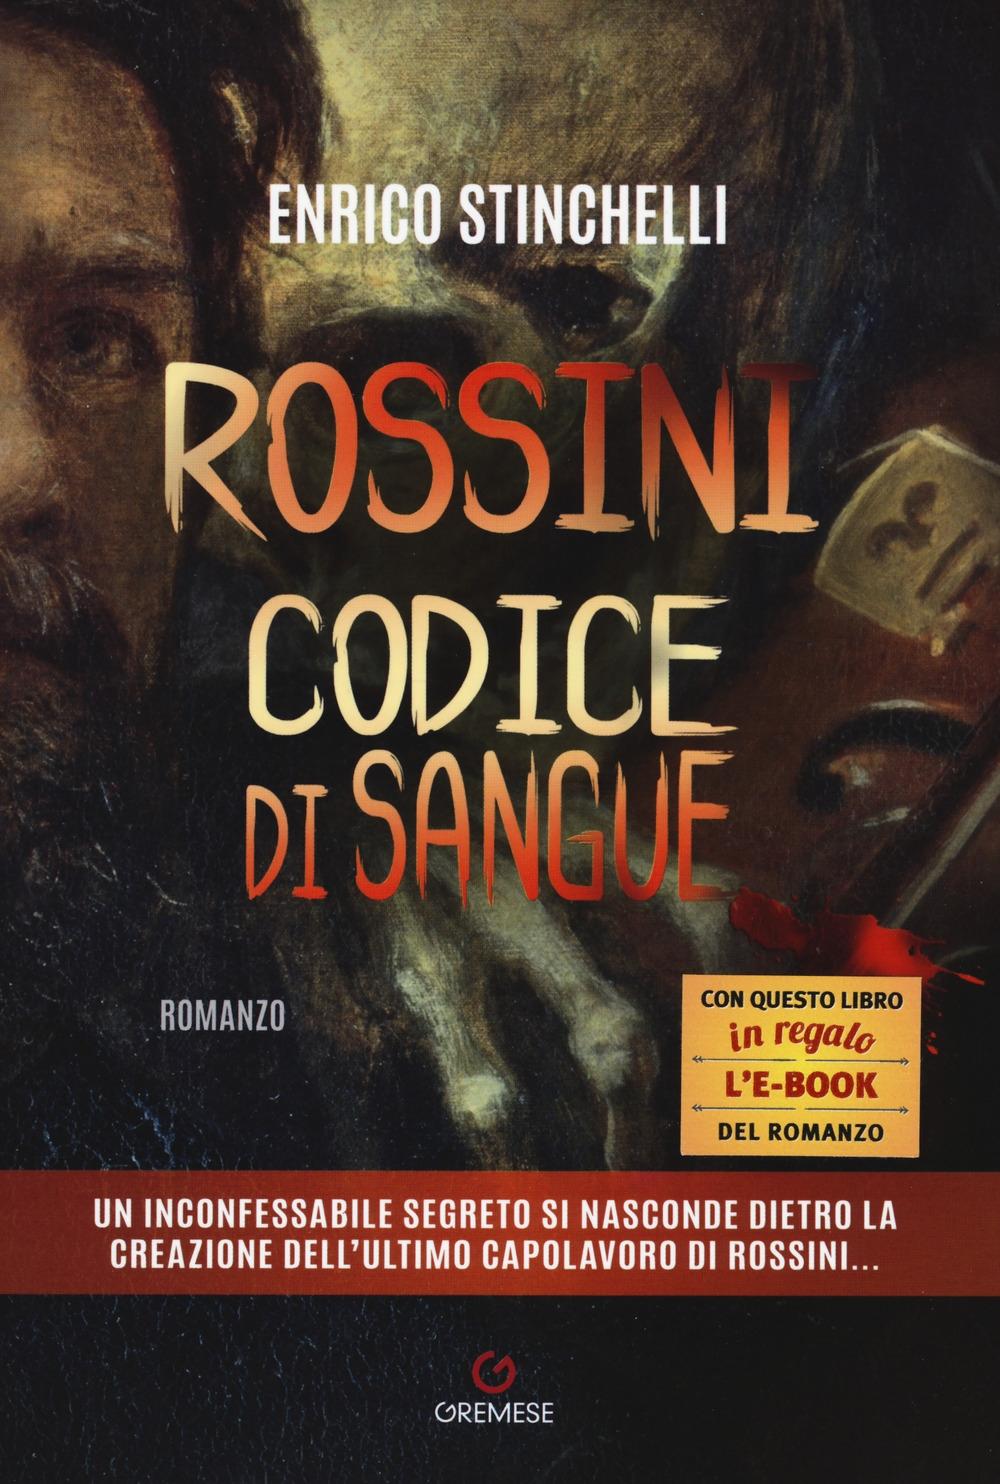 Rossini il codice di sangue